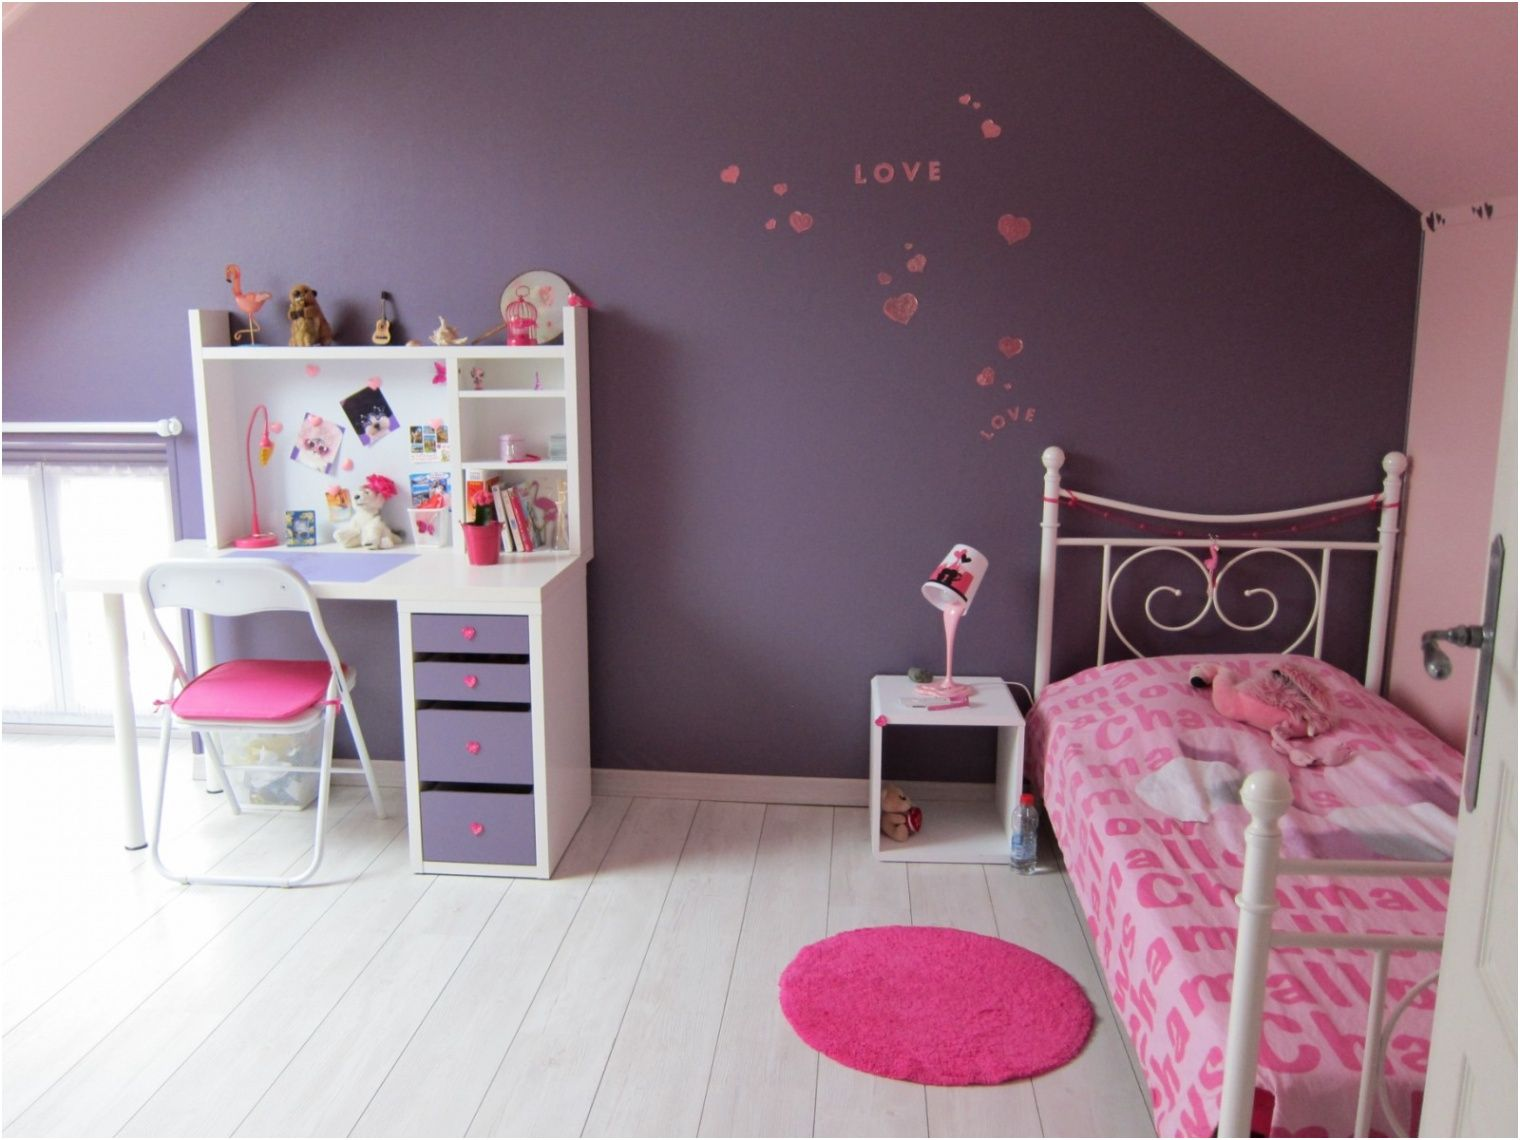 37+ Papier peint chambre fille 10 ans ideas